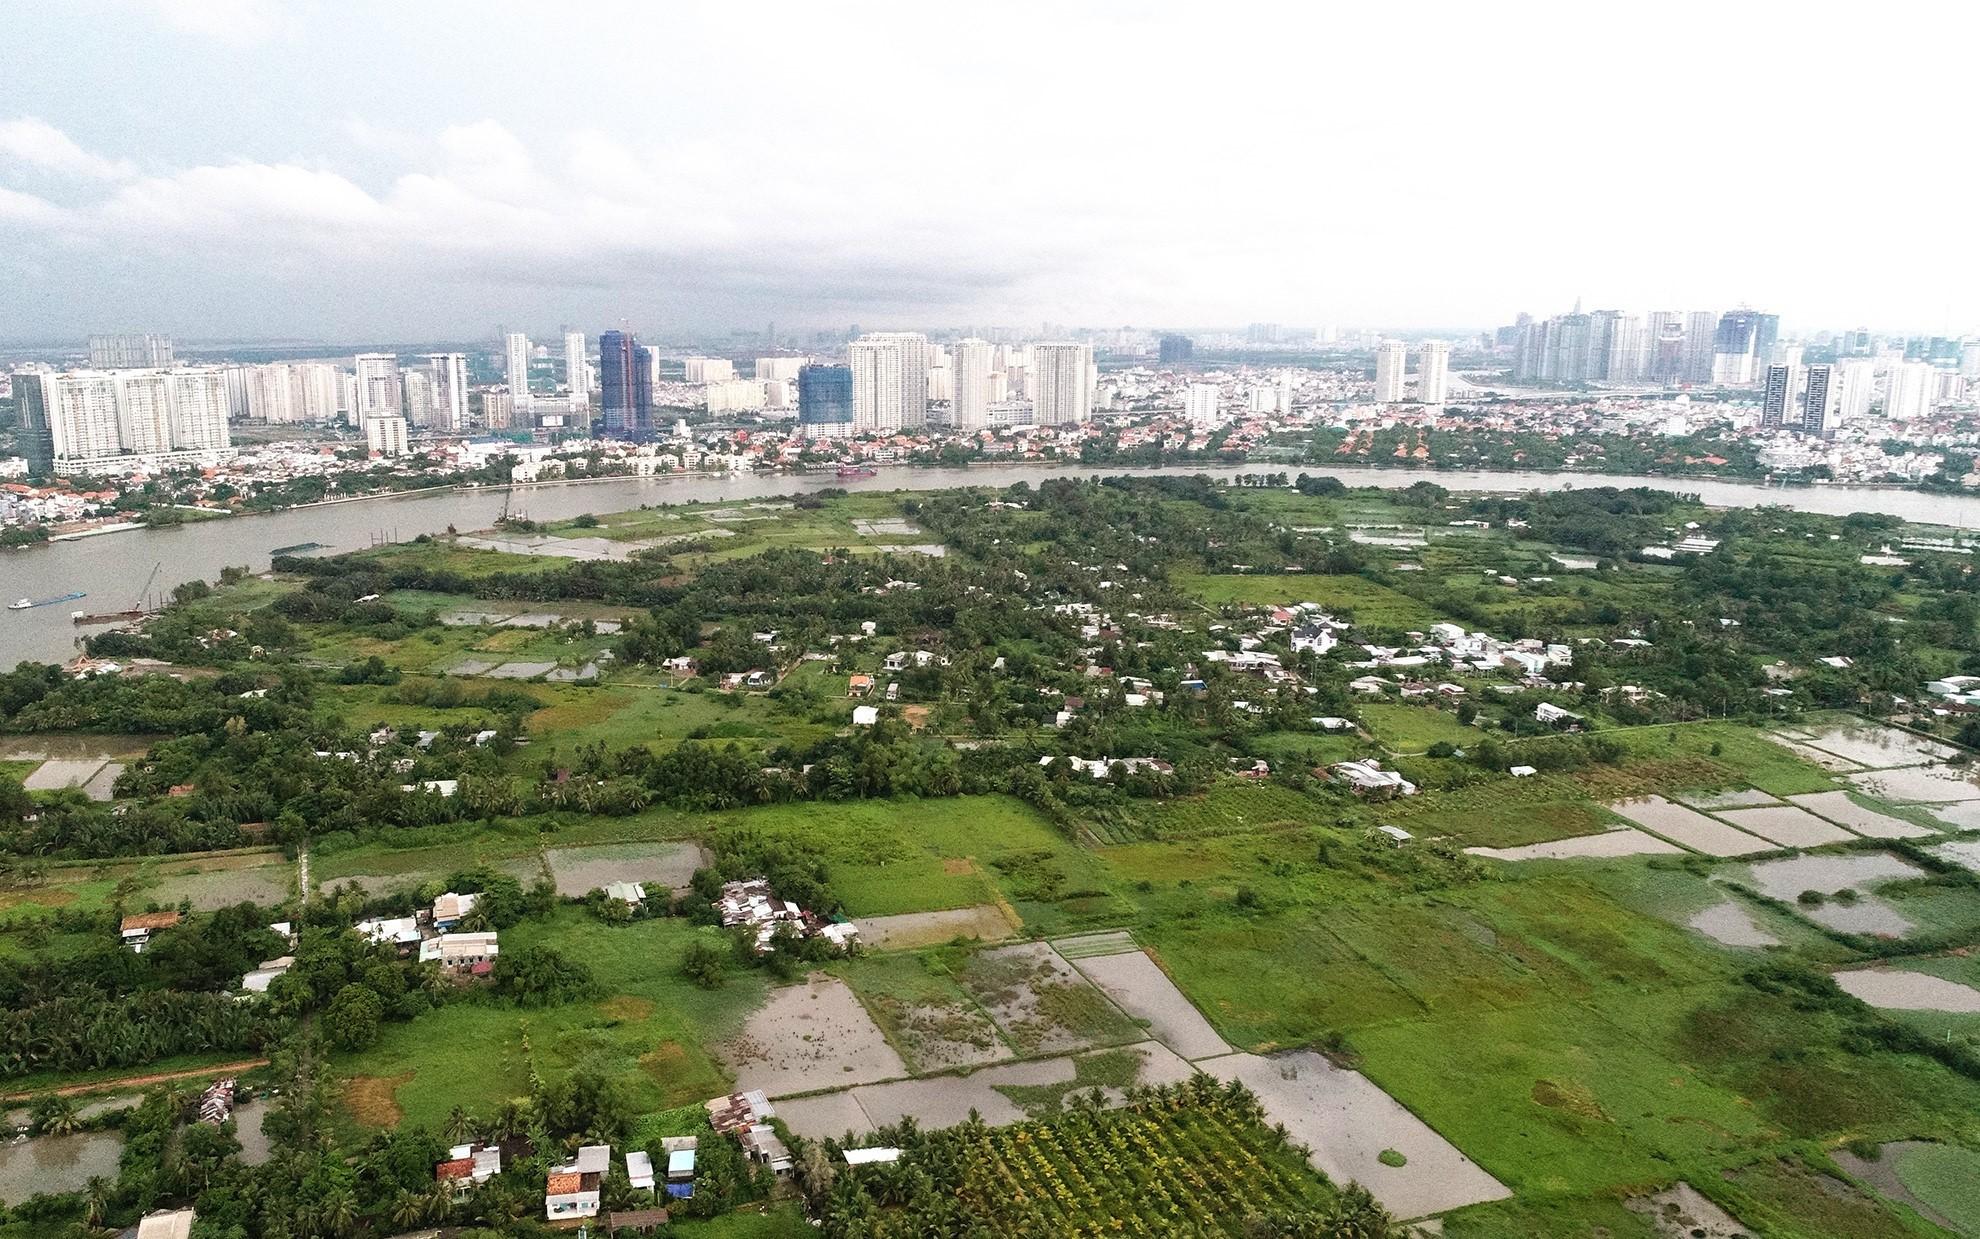 Tin tức Bất động sản ngày 17/5: Đất vàng sau nỗ lực giải cứu của TP HCM, BĐS Phú Quốc đang sốt hầm hập bỗng dưng trầm lắng... - Ảnh 2.